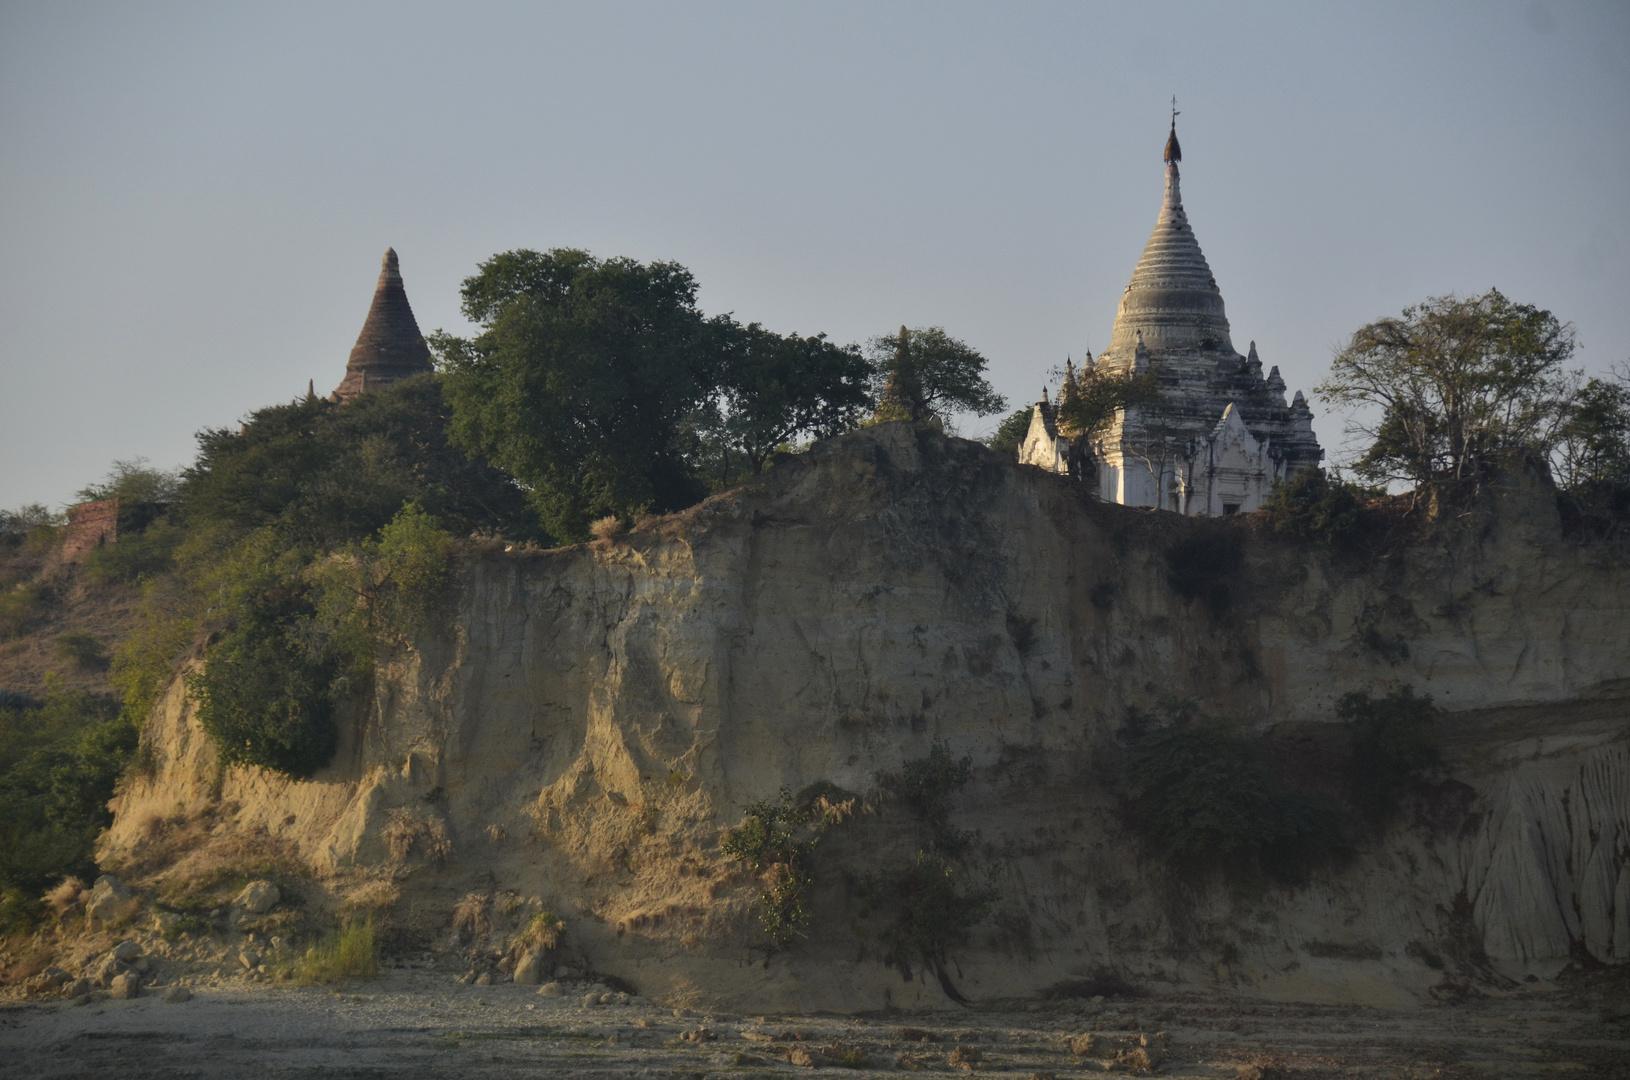 Pagoden schauen über das Ufer des Irawaddy bei Bagan, Myanmar